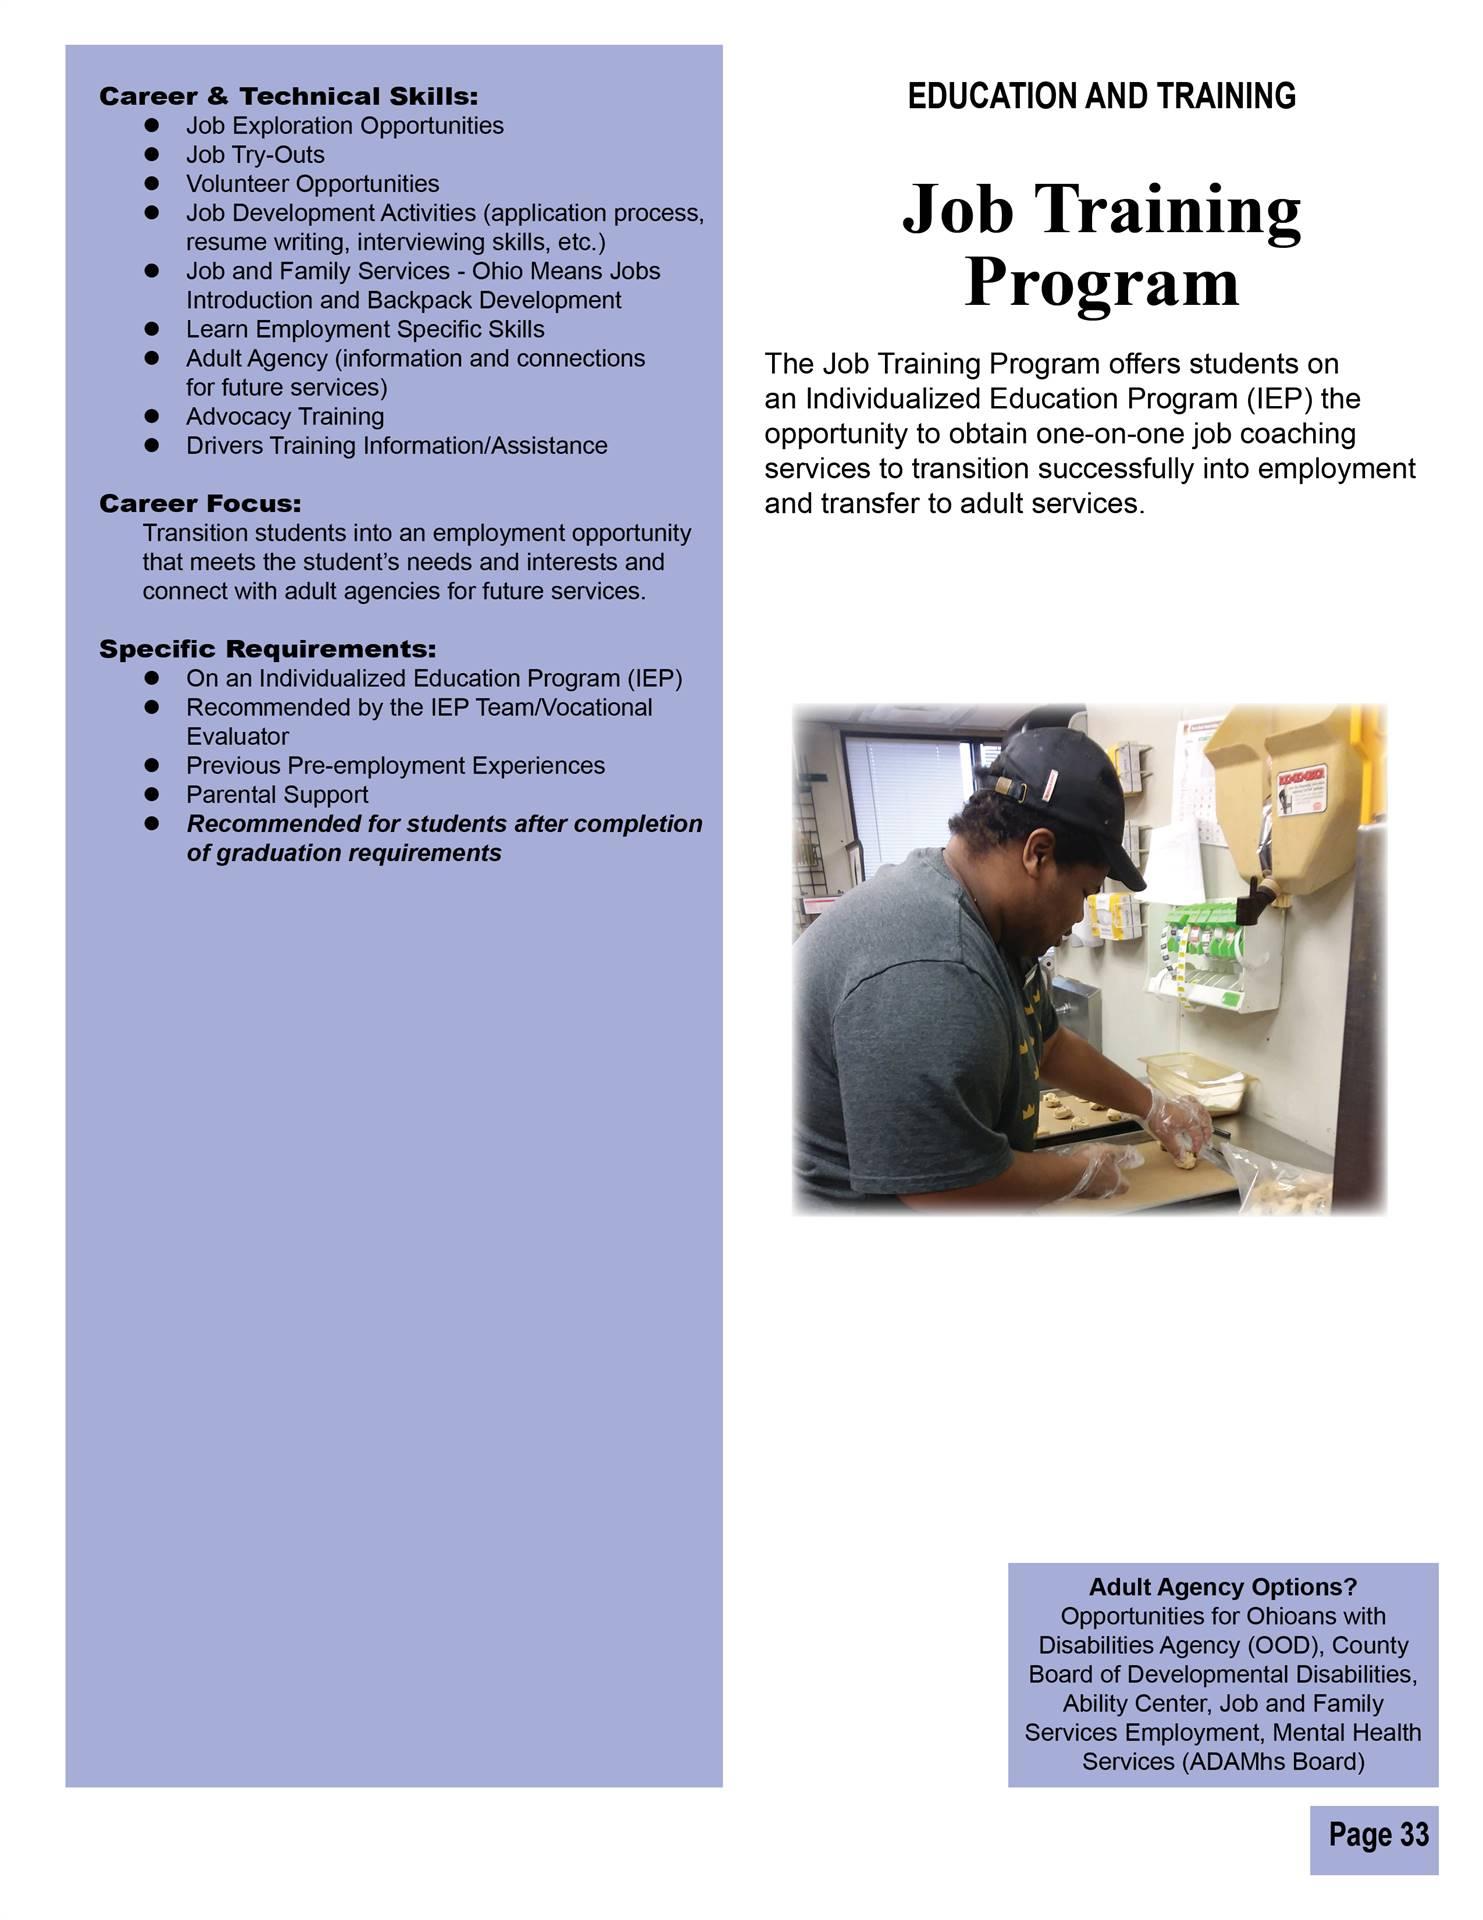 Job Training Program